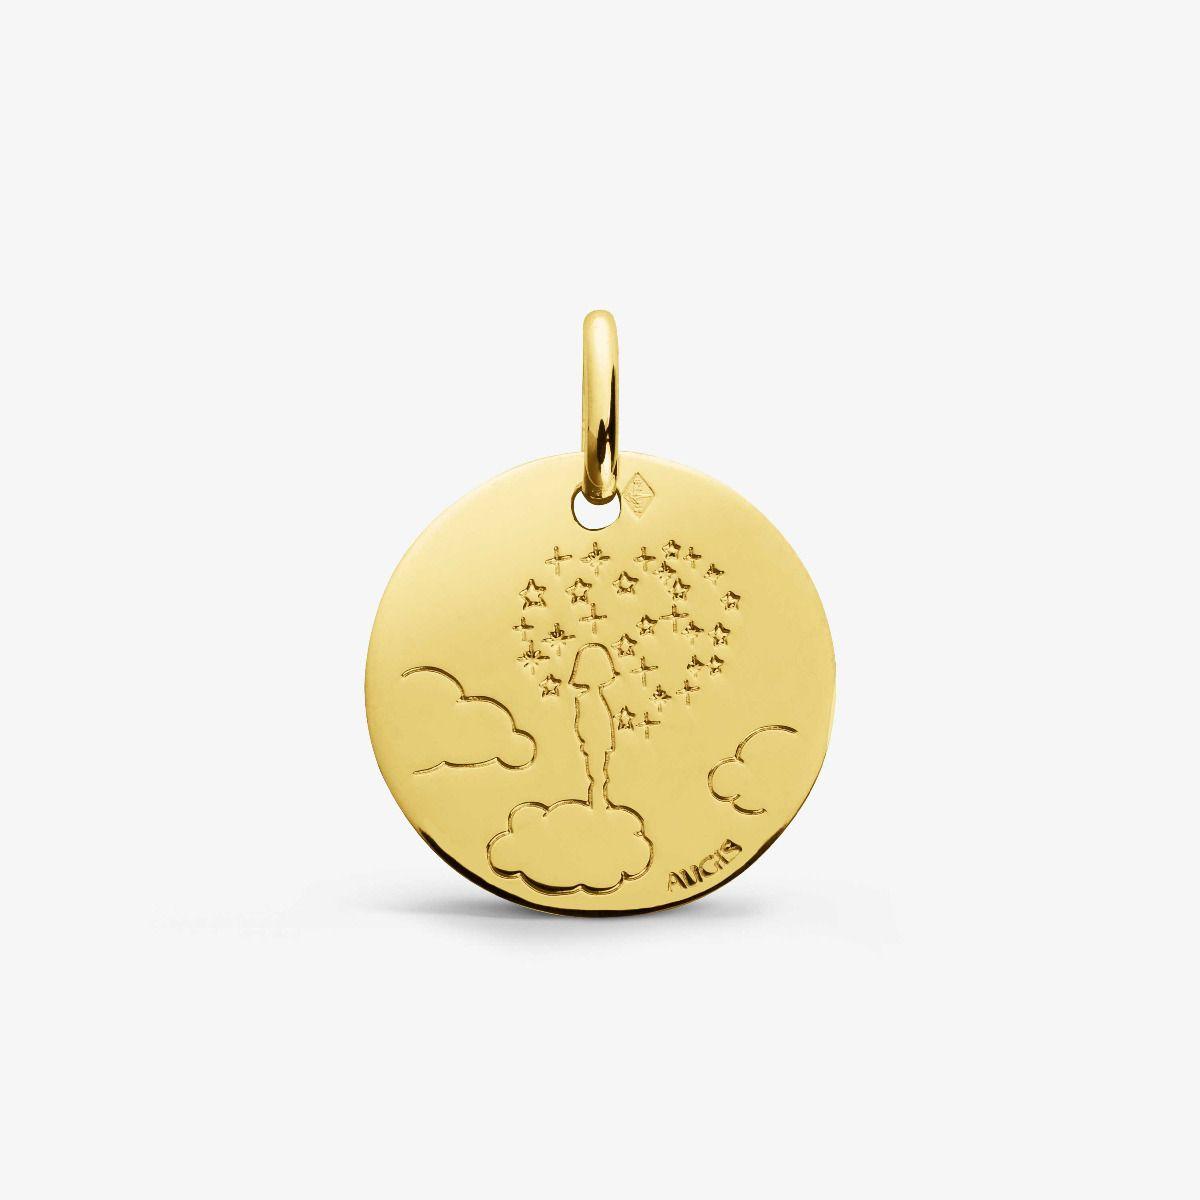 Médaille Enfant la tête dans les nuages Or Jaune 18 carats - 16 mm